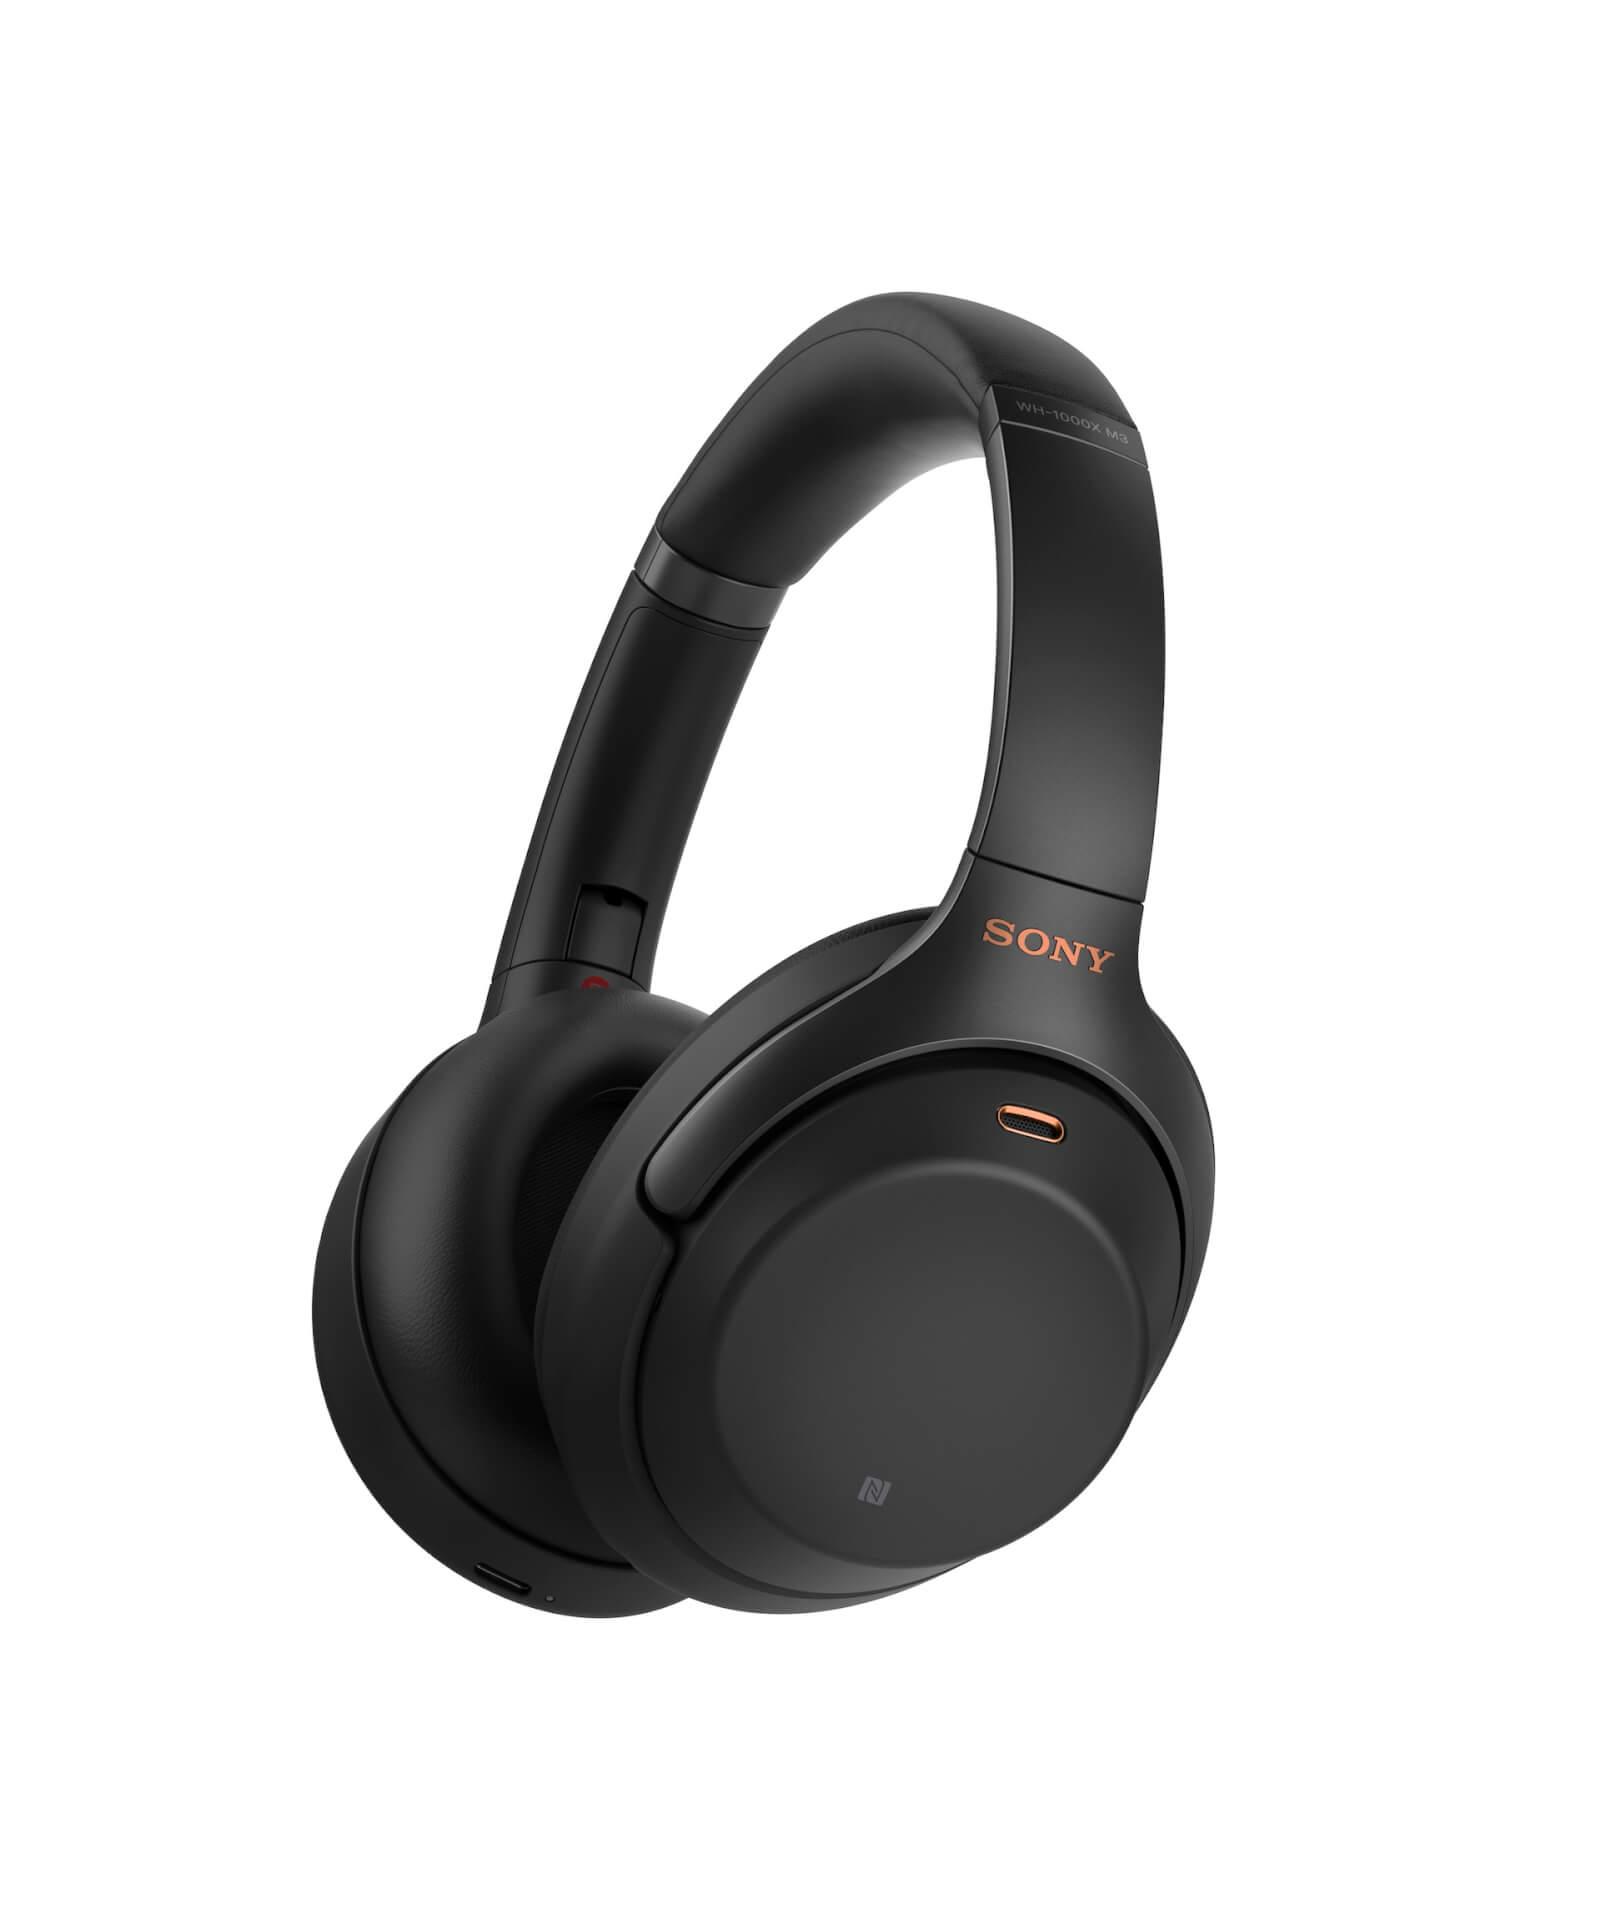 ソニーの大人気ノイズキャンセリングヘッドホン『WH-1000XM4』に限定カラーのサイレントホワイトが登場!LiSAを起用したKVも公開 tech210420_sony_headphone_2